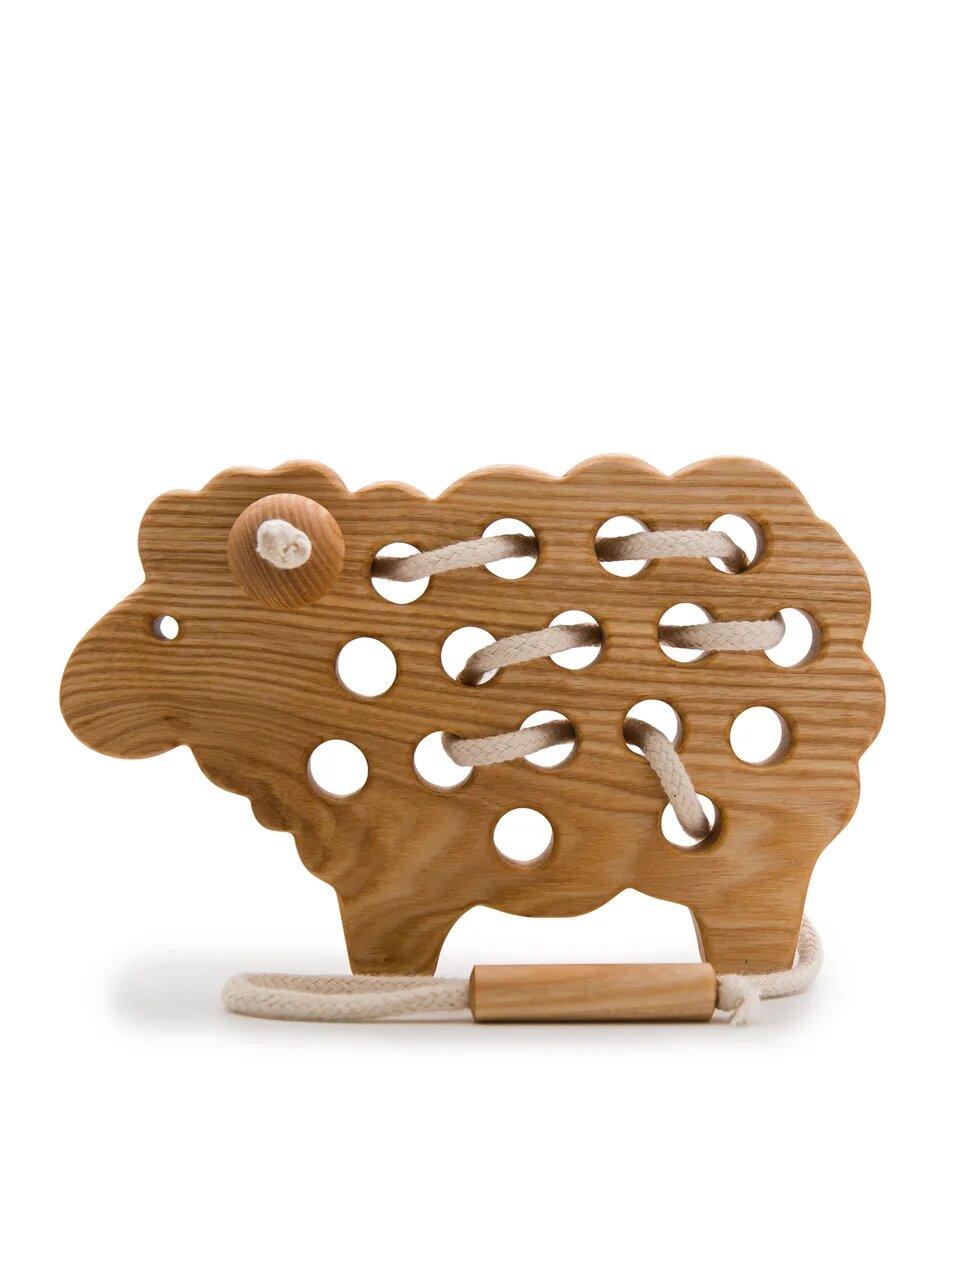 Игрушка-Шнуровка ЭКО Овечка из массива дуба Rodent kids